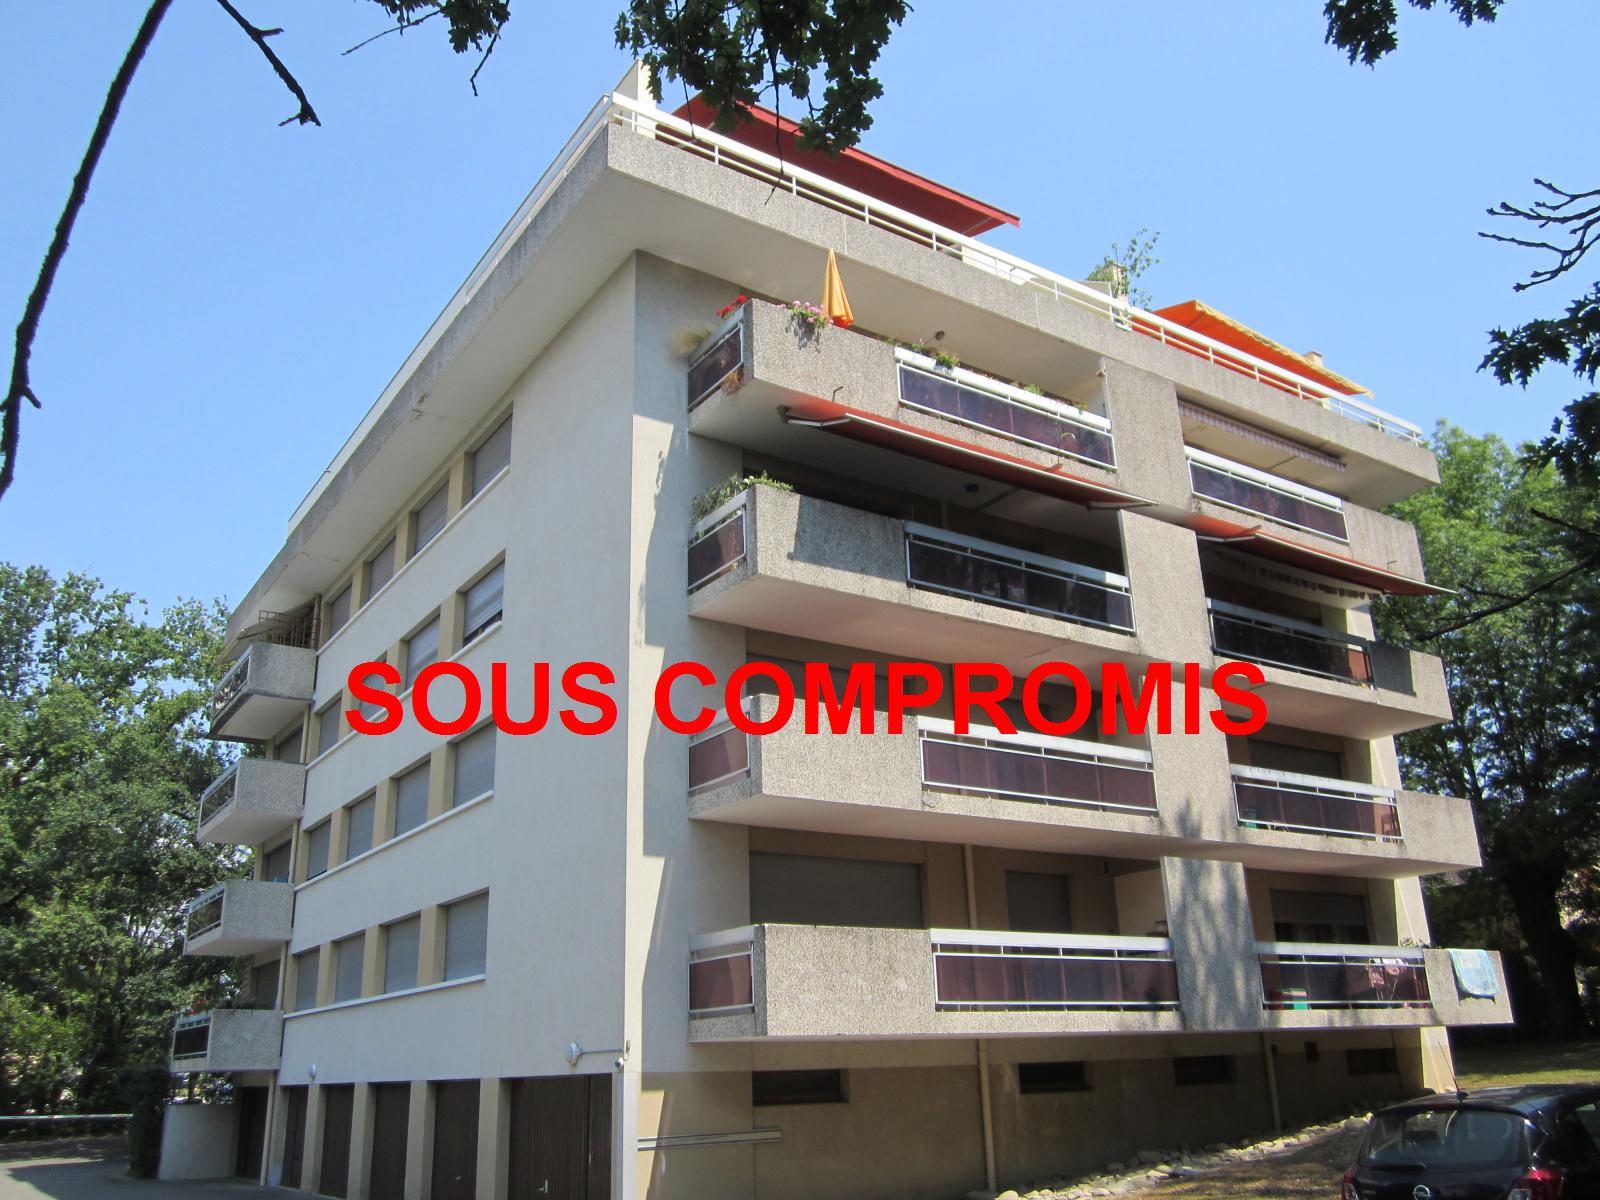 EXCLUSIVITE St Julien-en-Genevois centre Appartement T3 de 71 m² avec balcon de 13,32 m²... VENDU PAR LE CABINET